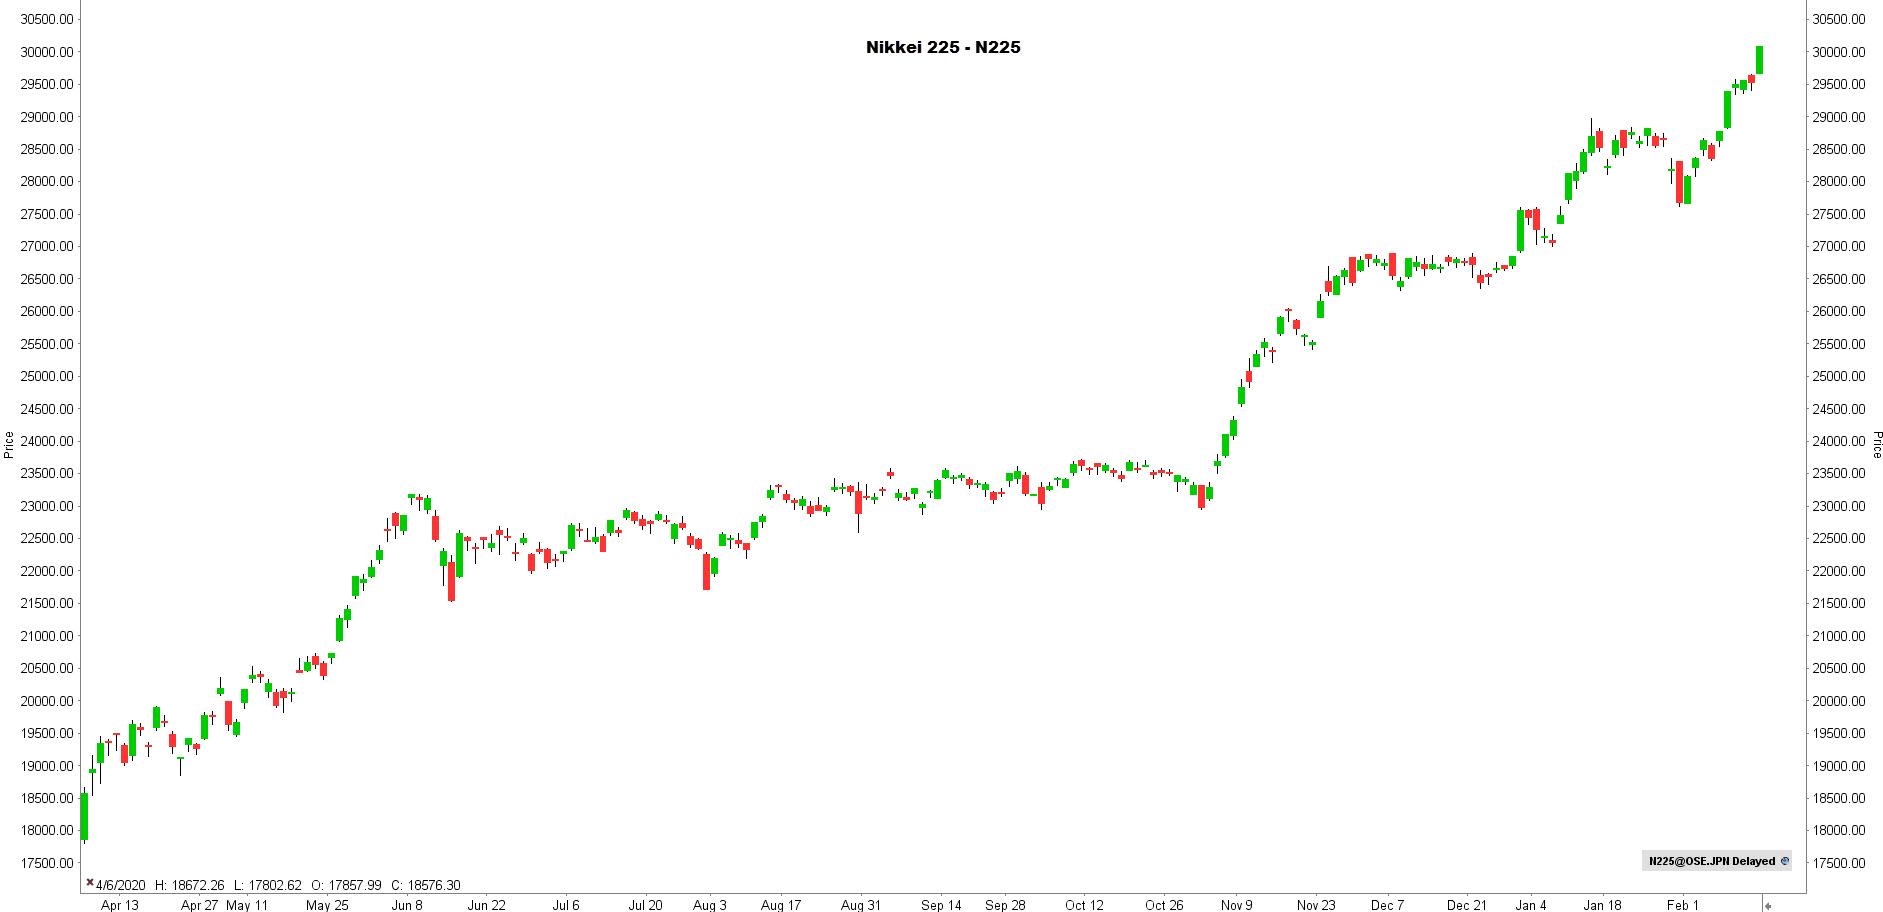 la chronique lynx broker 150221 - graphique Nikkei